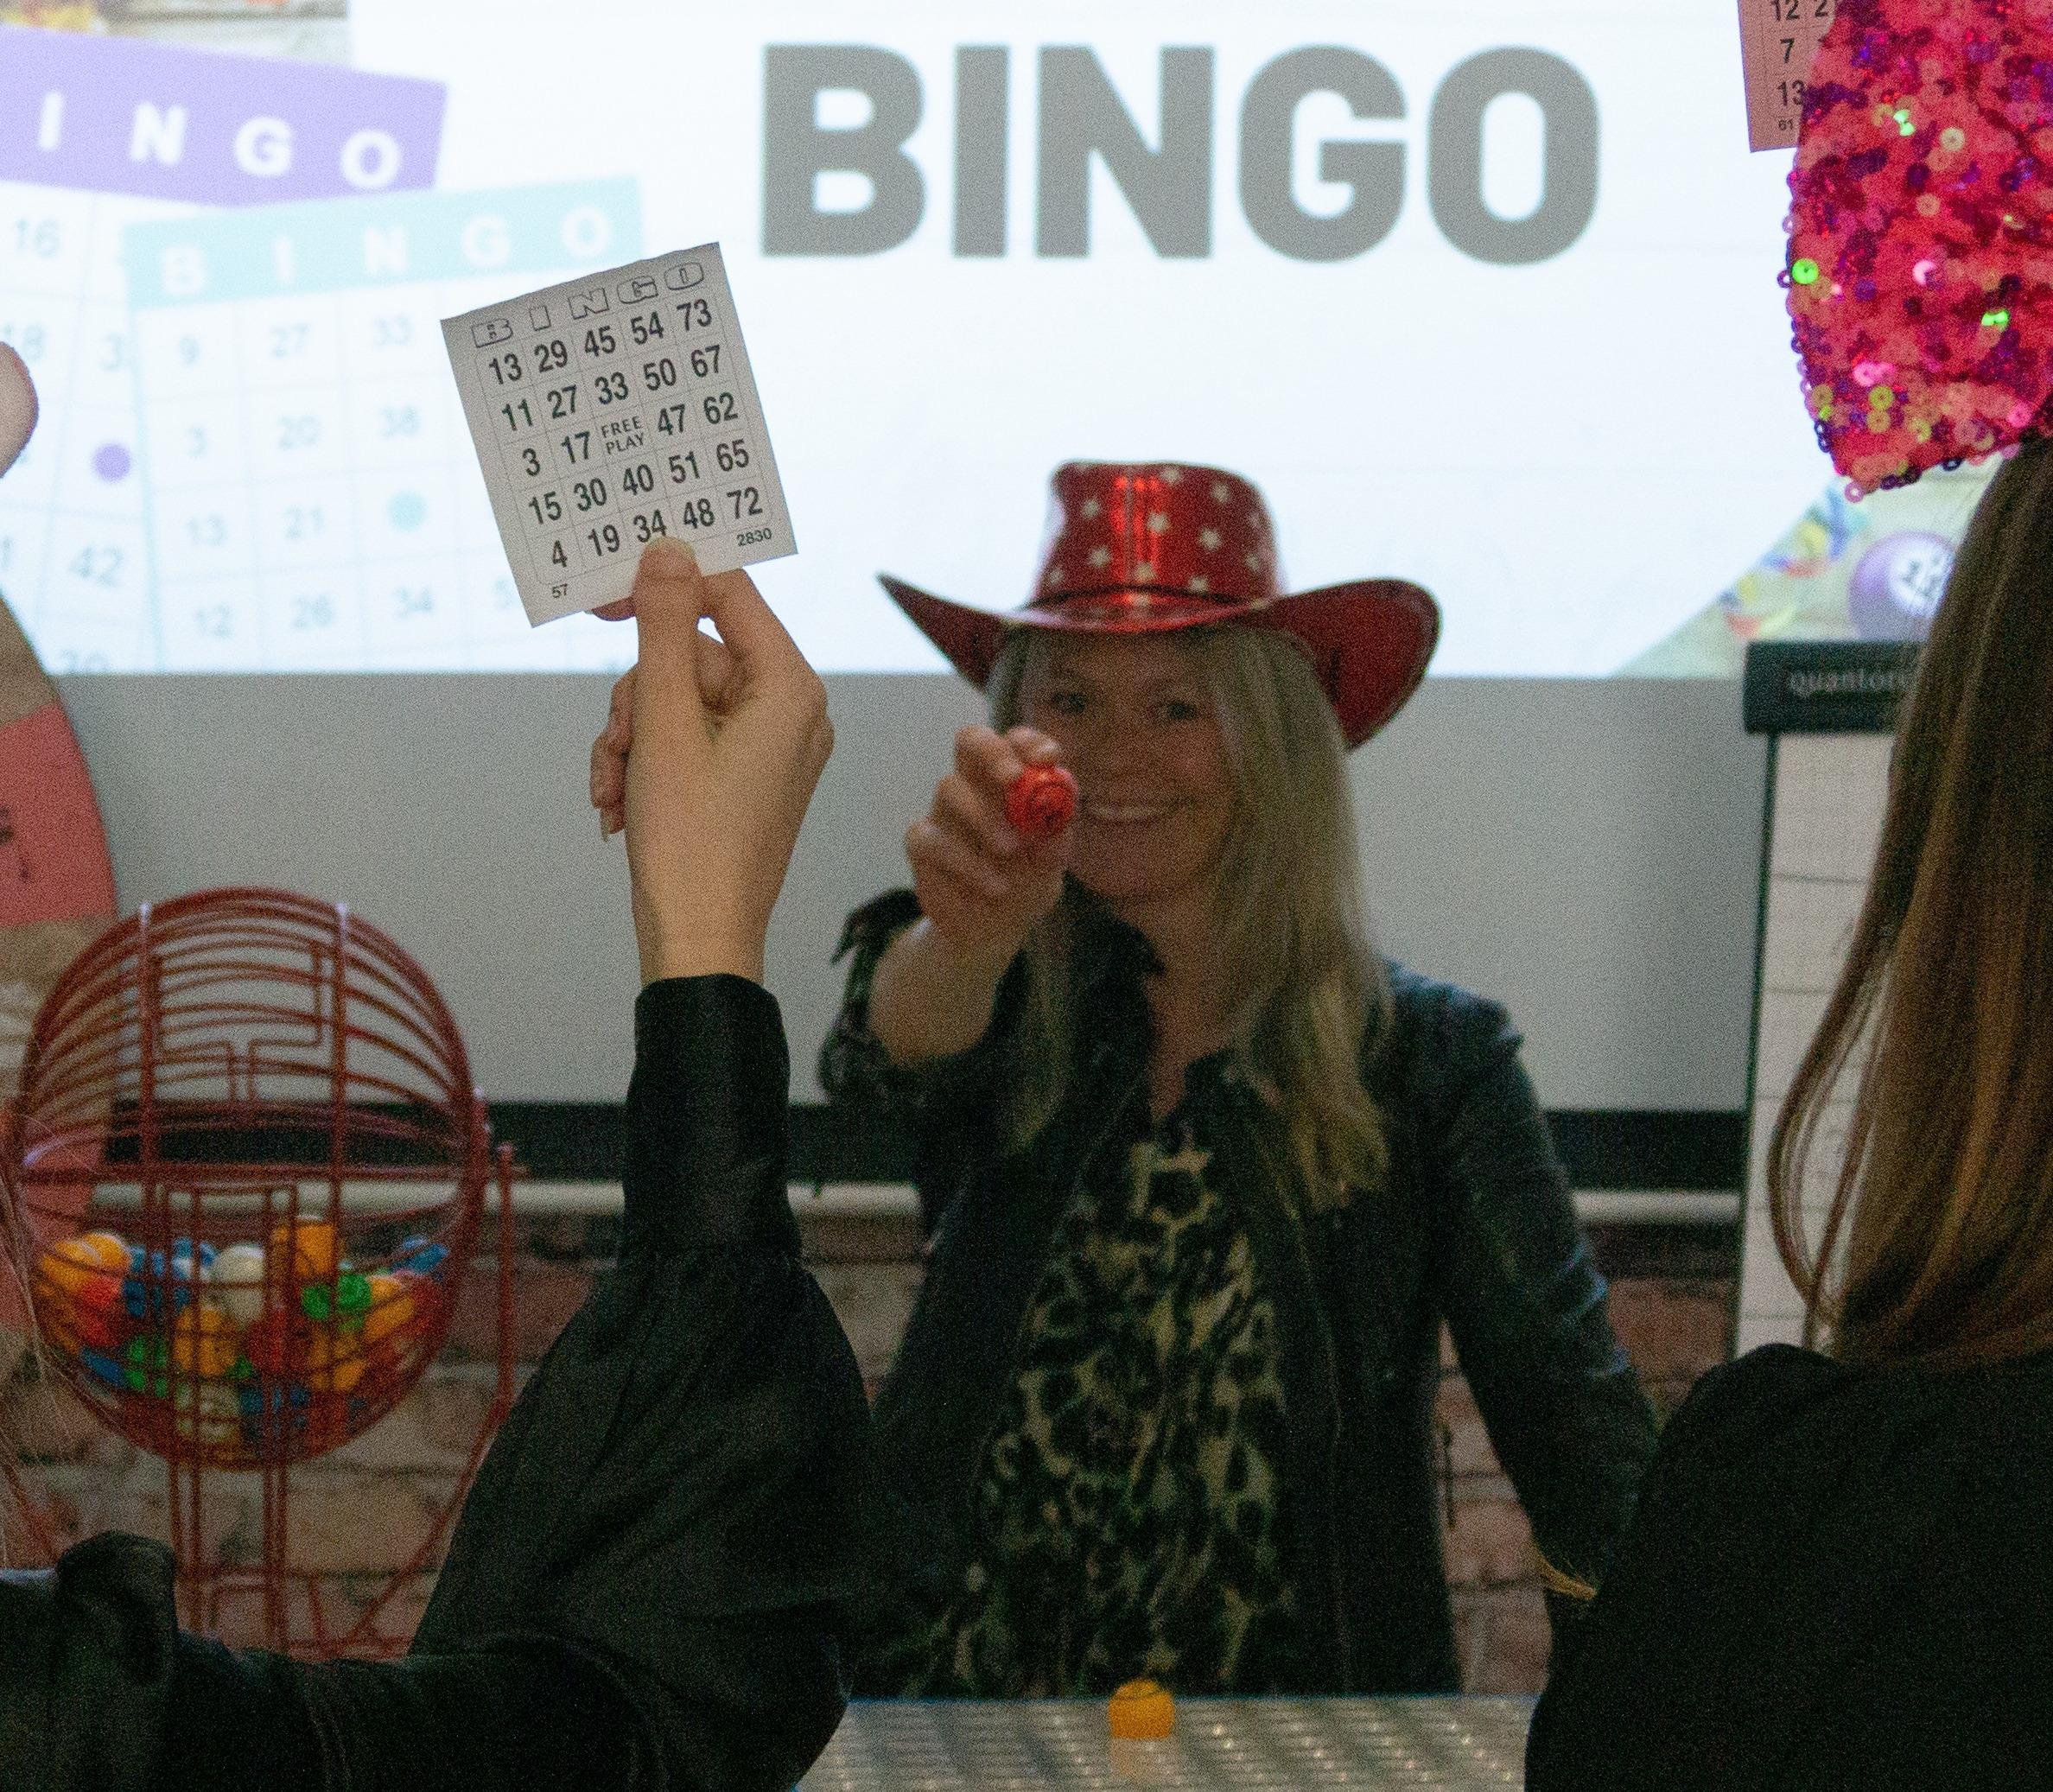 foute bingo eindhoven